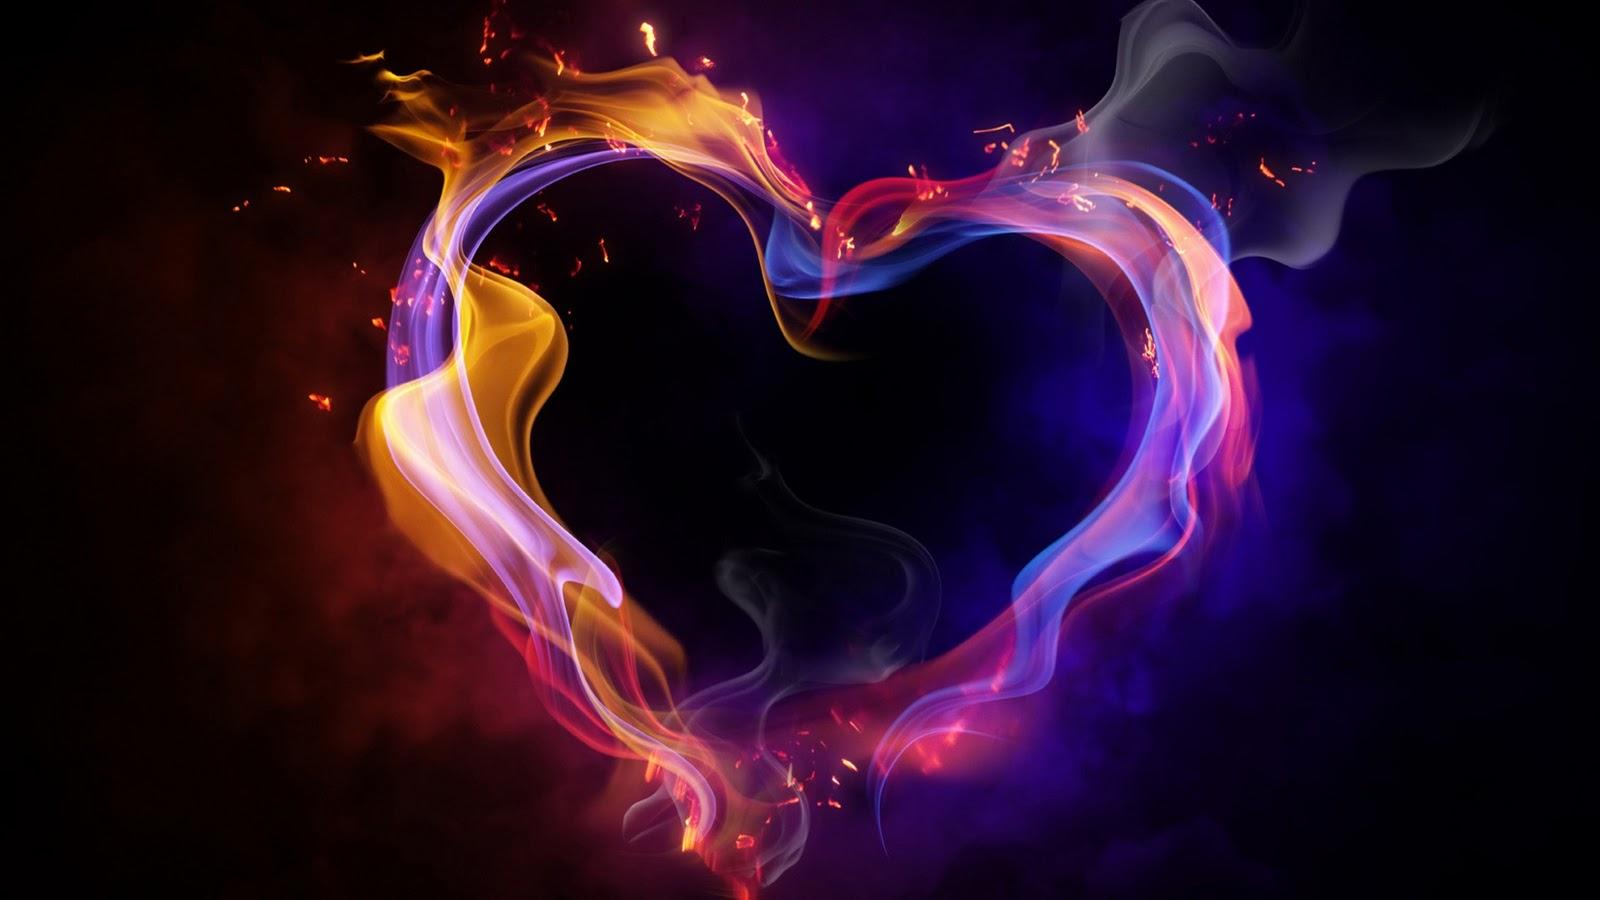 http://1.bp.blogspot.com/-ZhWdzlzmY8g/TqBo62IWSOI/AAAAAAAAAfQ/XUfVy_y3Zpc/s1600/HD+hearts+wallpapers.jpg